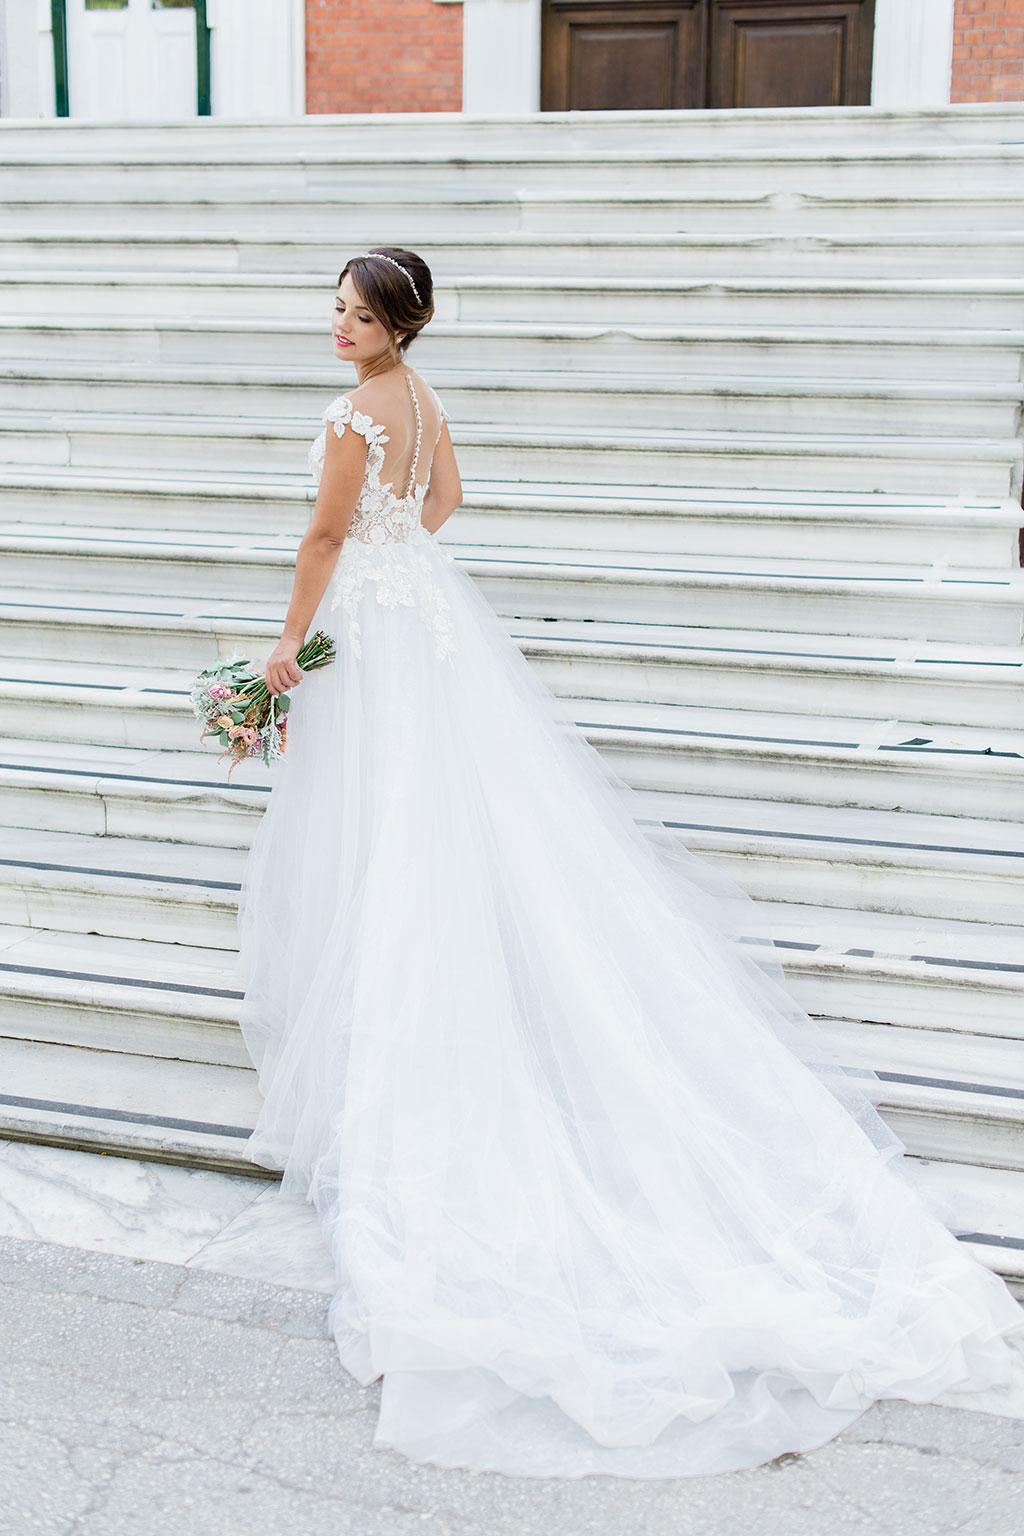 νύφη που κρατάει την ανθοδέσμη της και ποζάρει με το υπέροχο νυφικό της. a bride with her long bridal dress during photoshoot